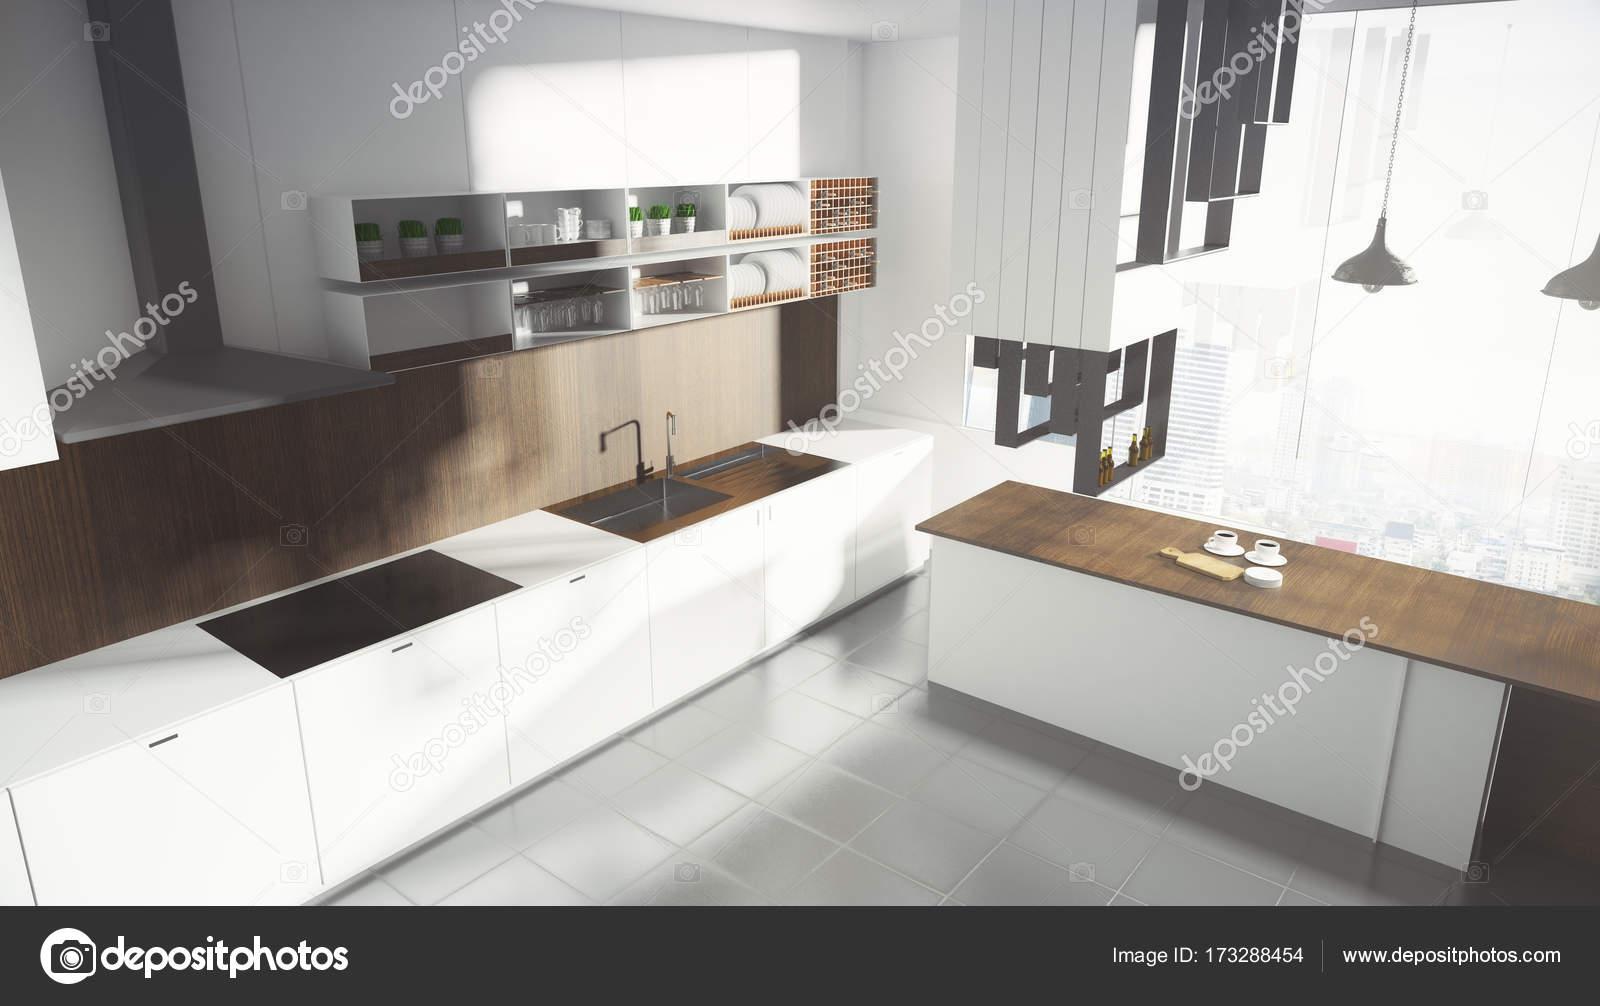 Moderne Witte Keukens : Moderne witte keuken interieur u2014 stockfoto © peshkov #173288454